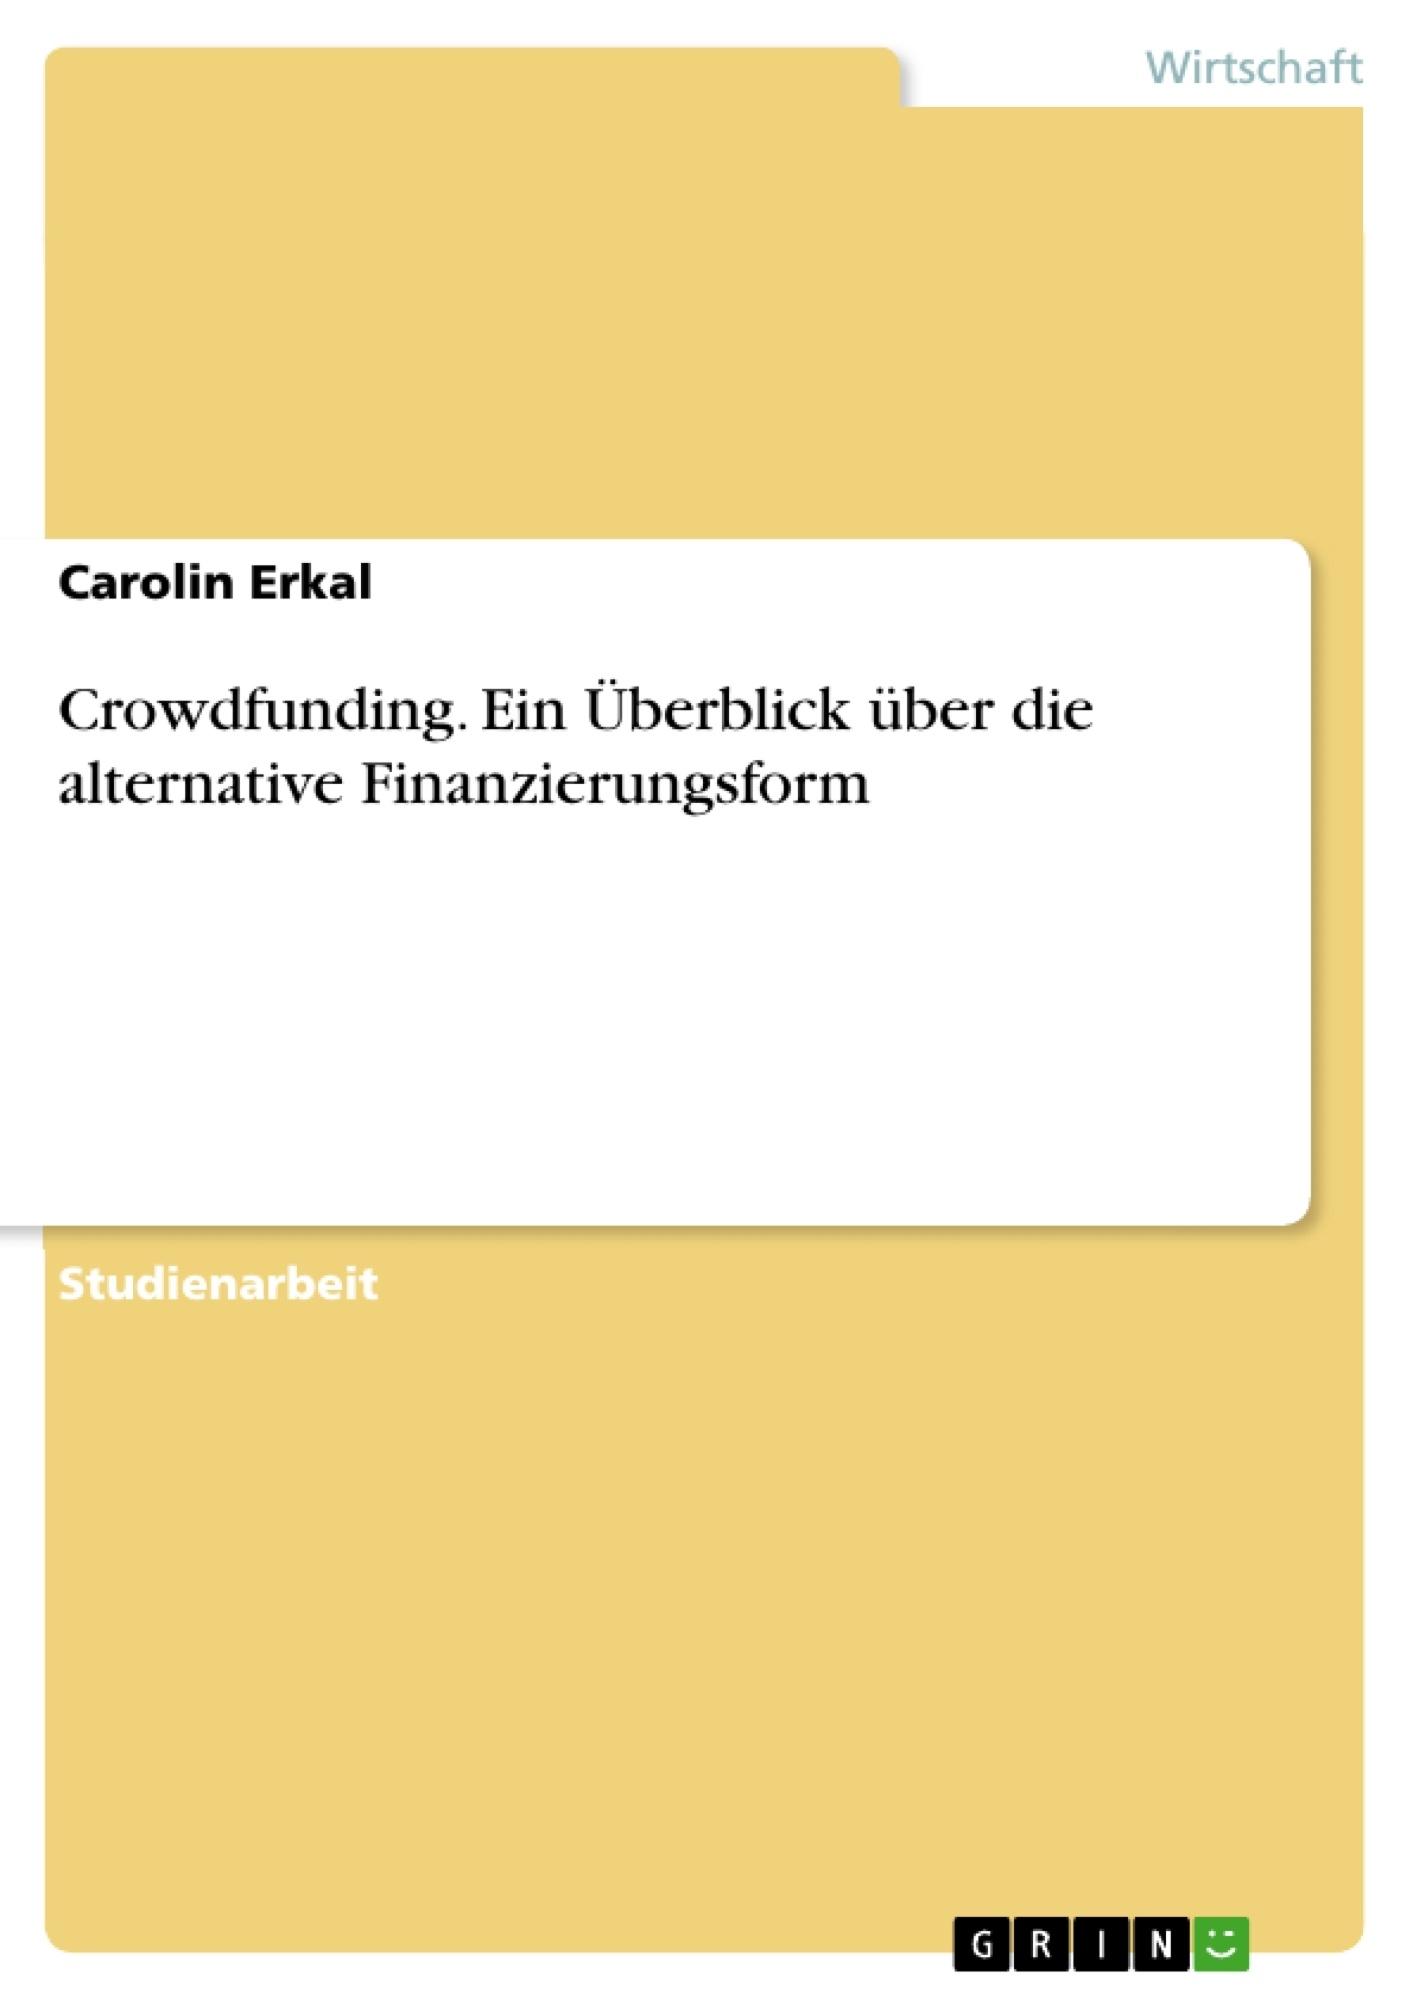 Titel: Crowdfunding. Ein Überblick über die alternative Finanzierungsform